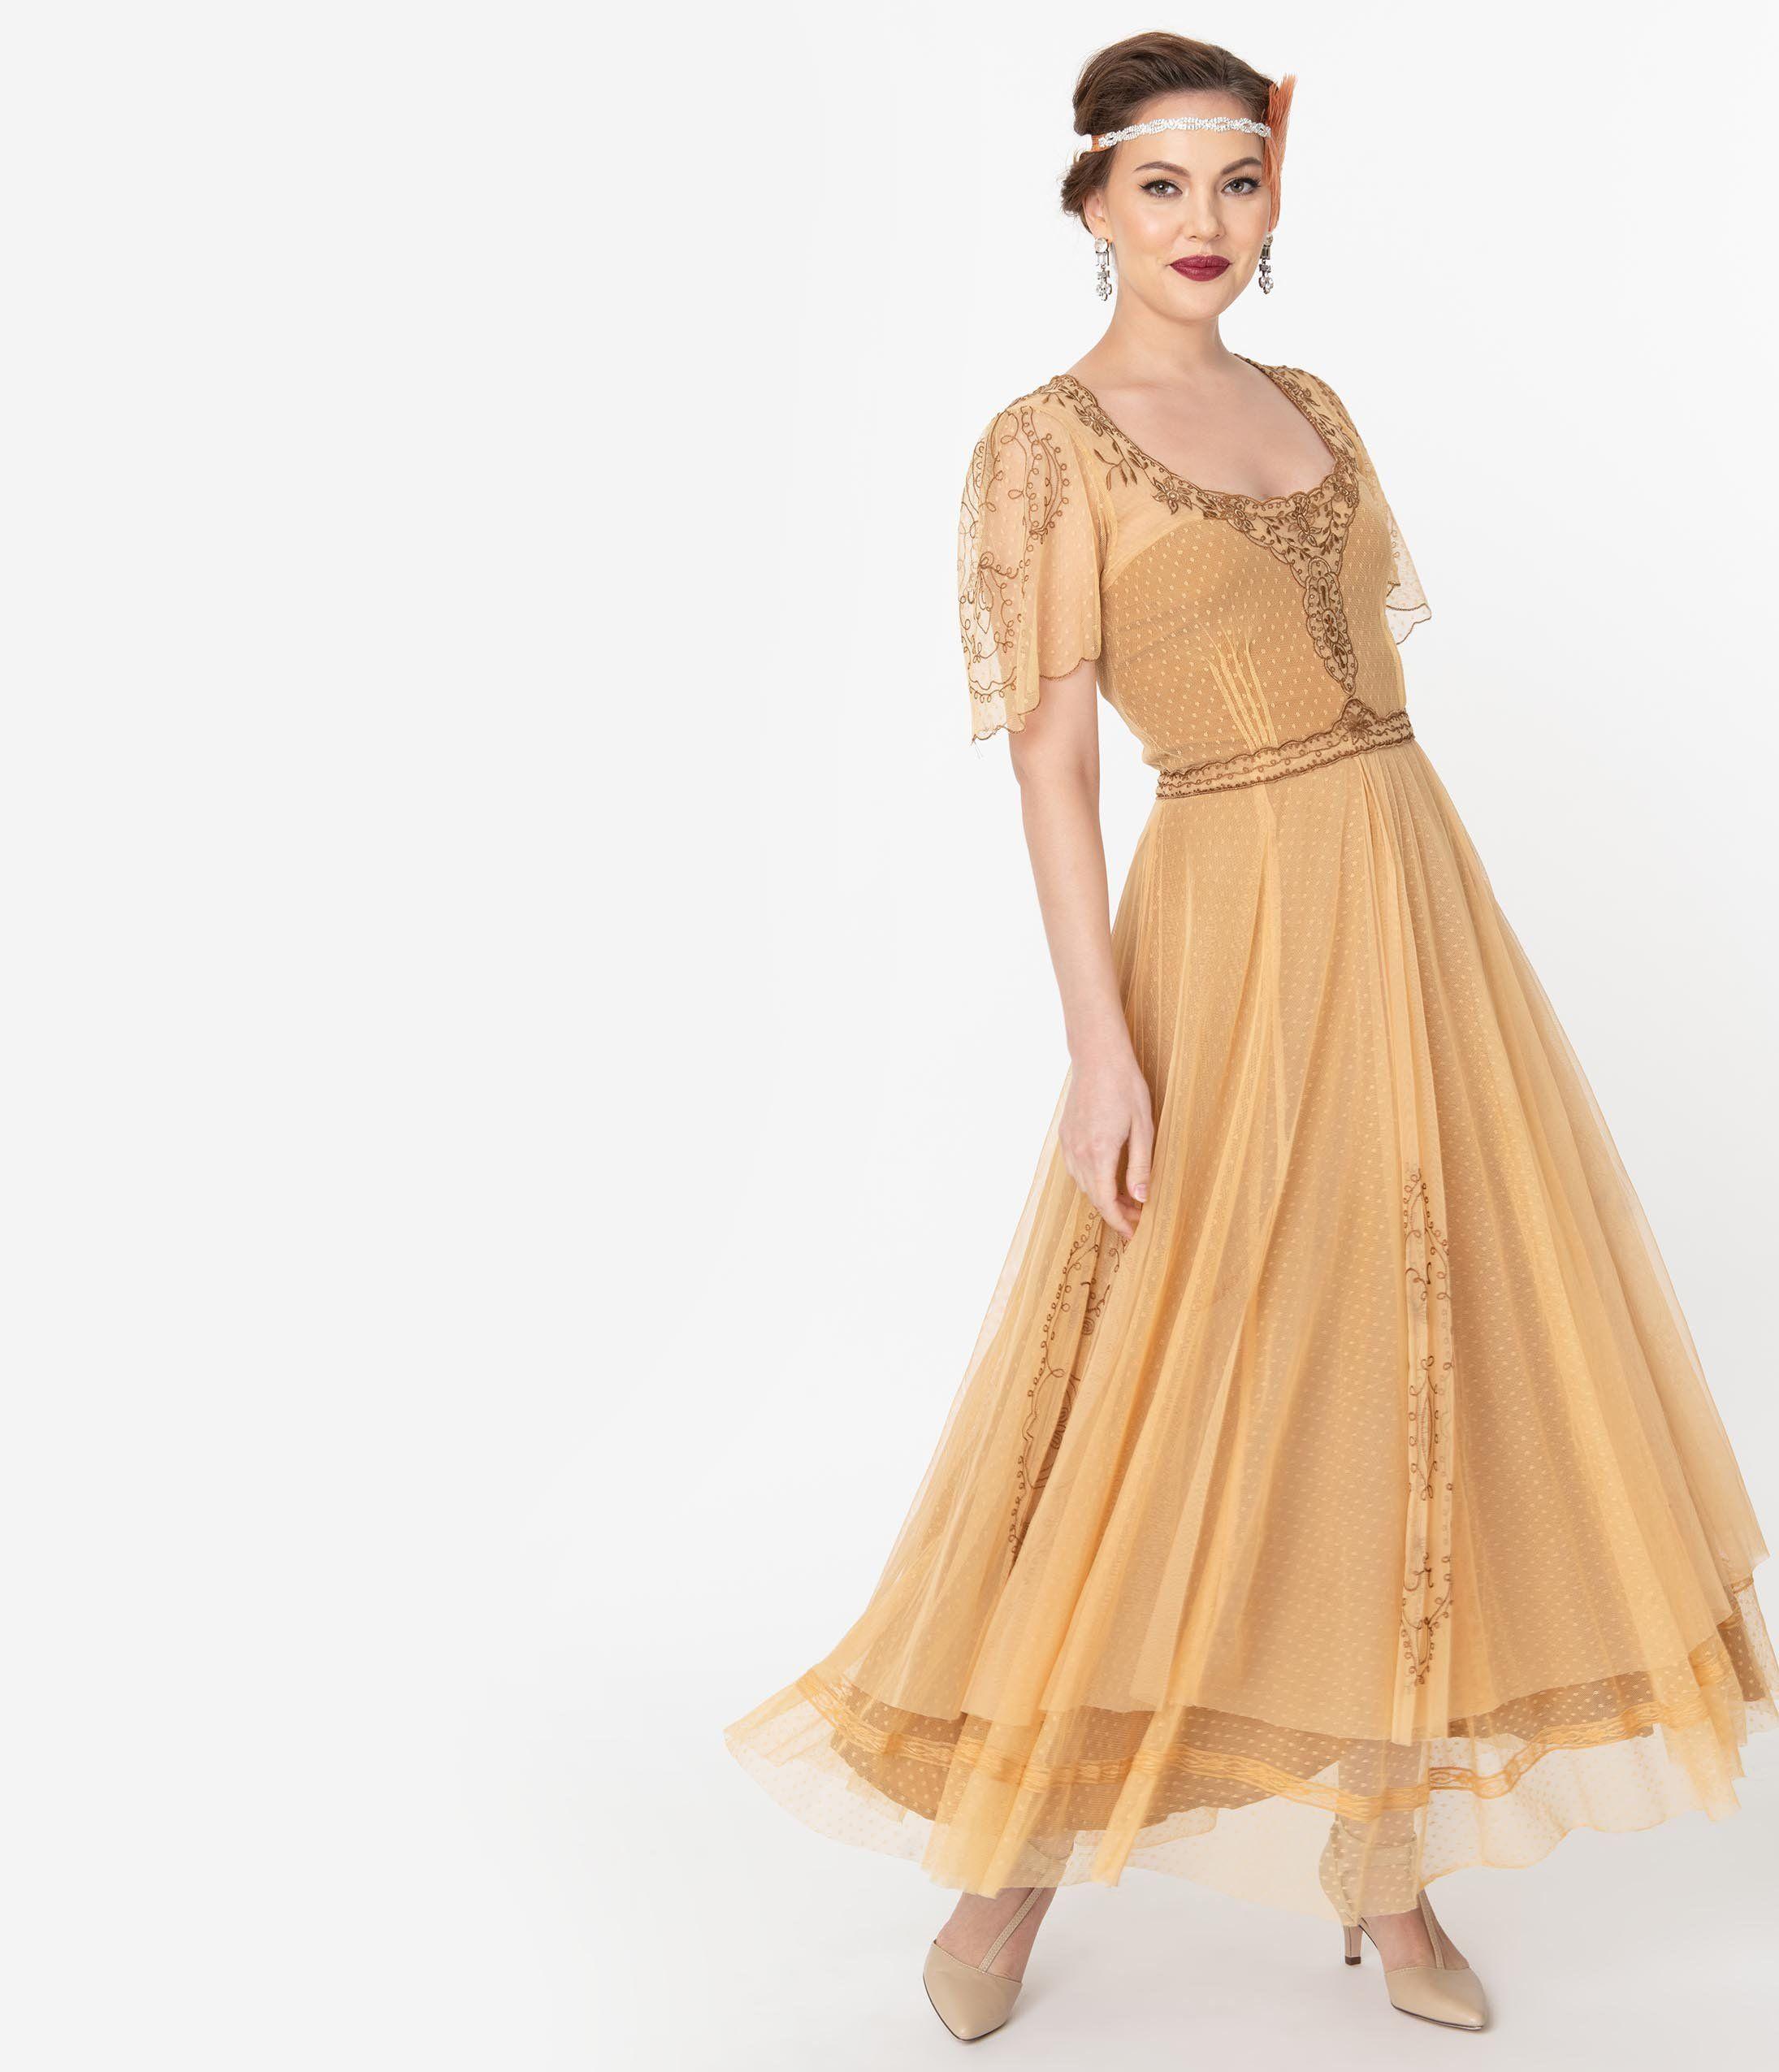 1920s Style Dresses 20s Dresses Vintage Formal Dresses Edwardian Gown Unique Dresses [ 2550 x 2190 Pixel ]